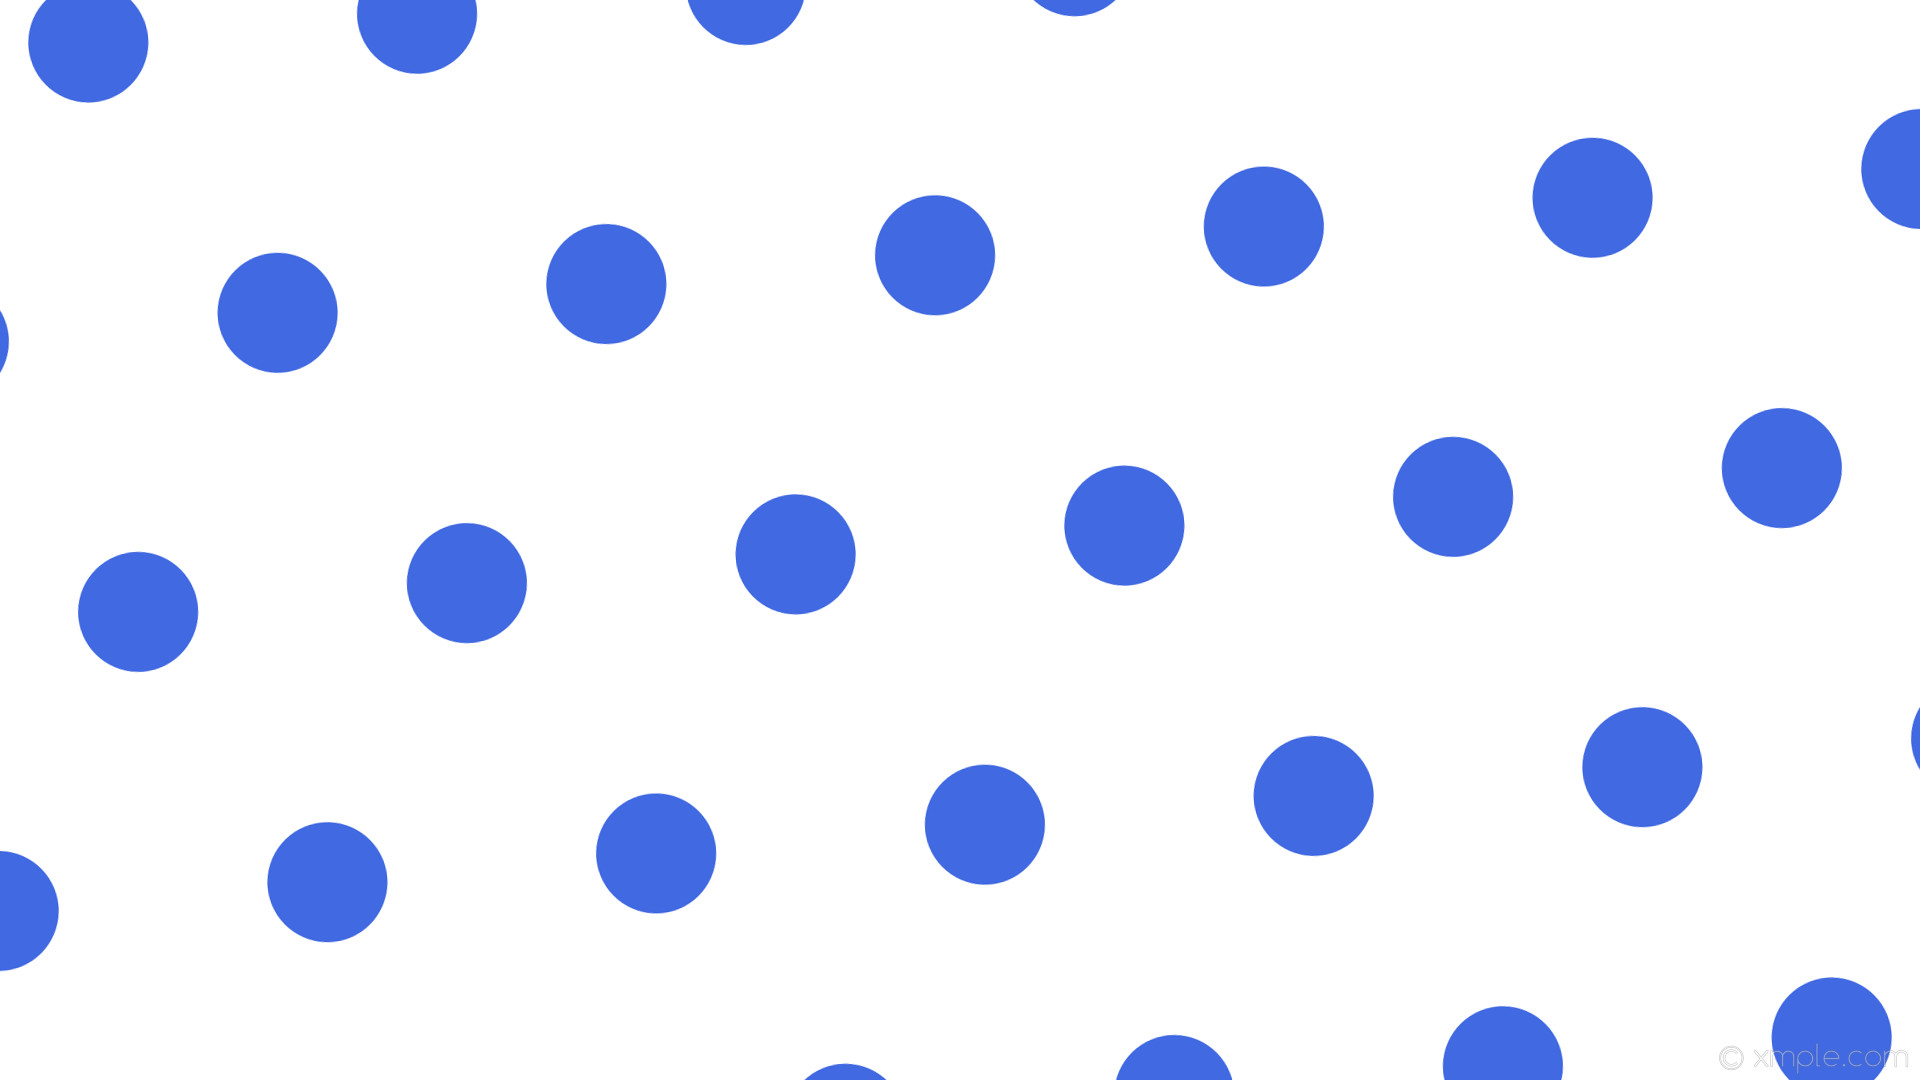 wallpaper white polka dots hexagon blue royal blue #ffffff #4169e1 diagonal  5° 120px